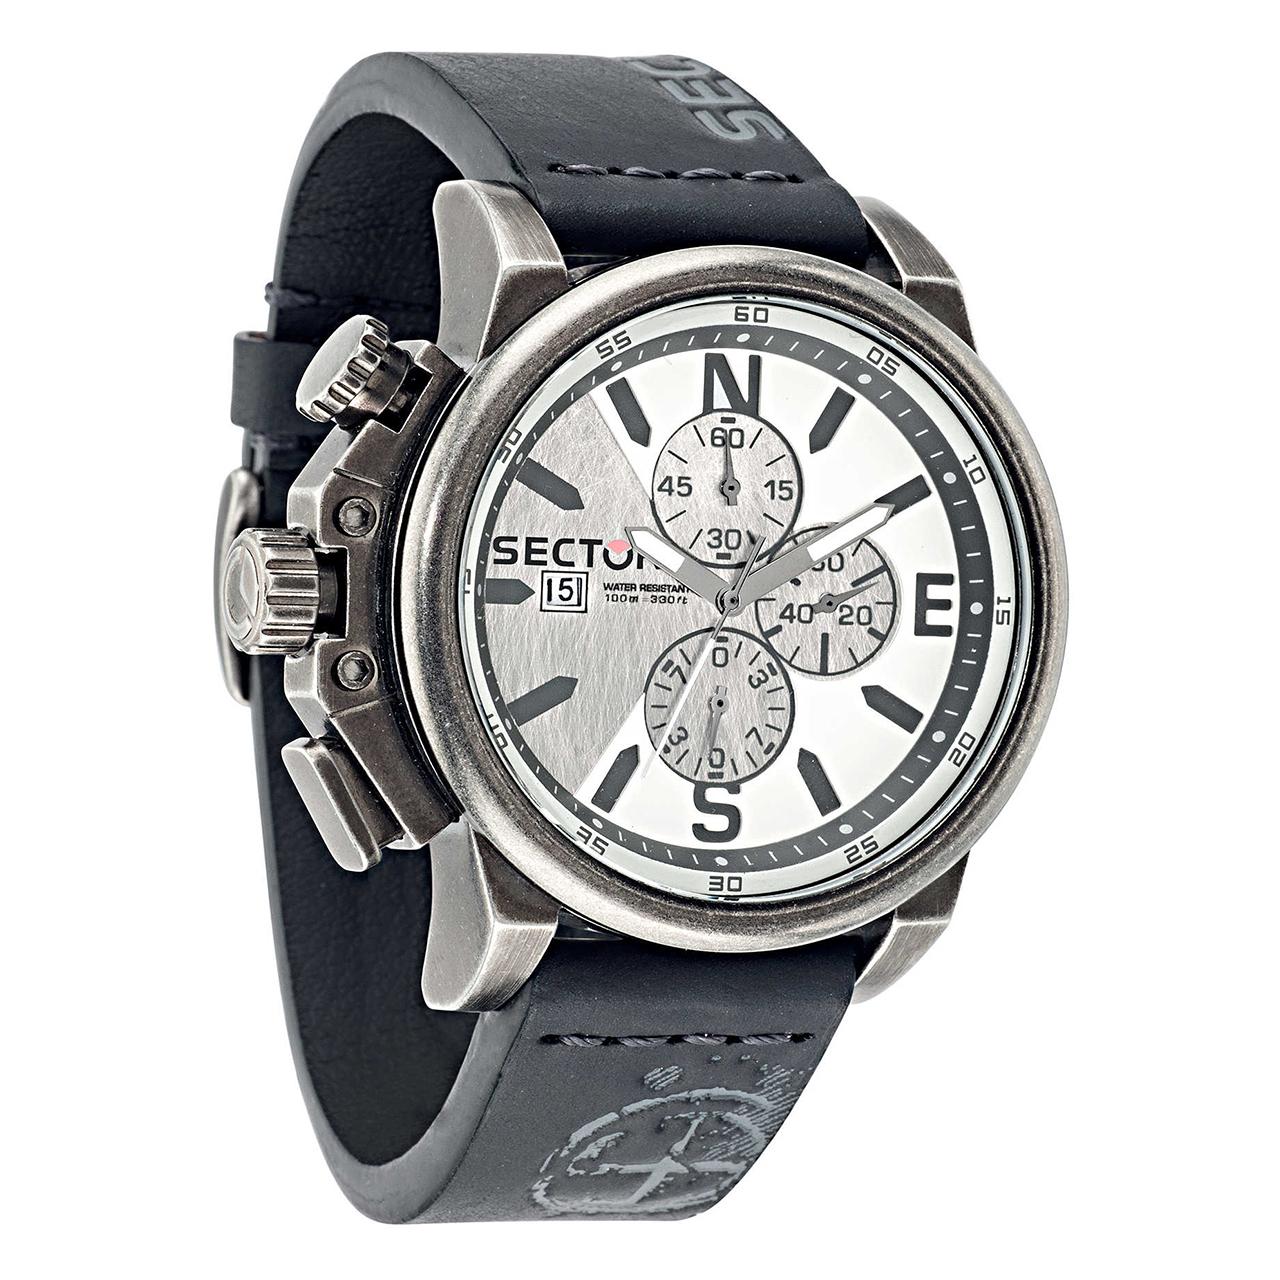 ساعت مچی عقربه ای مردانه سکتور مدل 3271776008